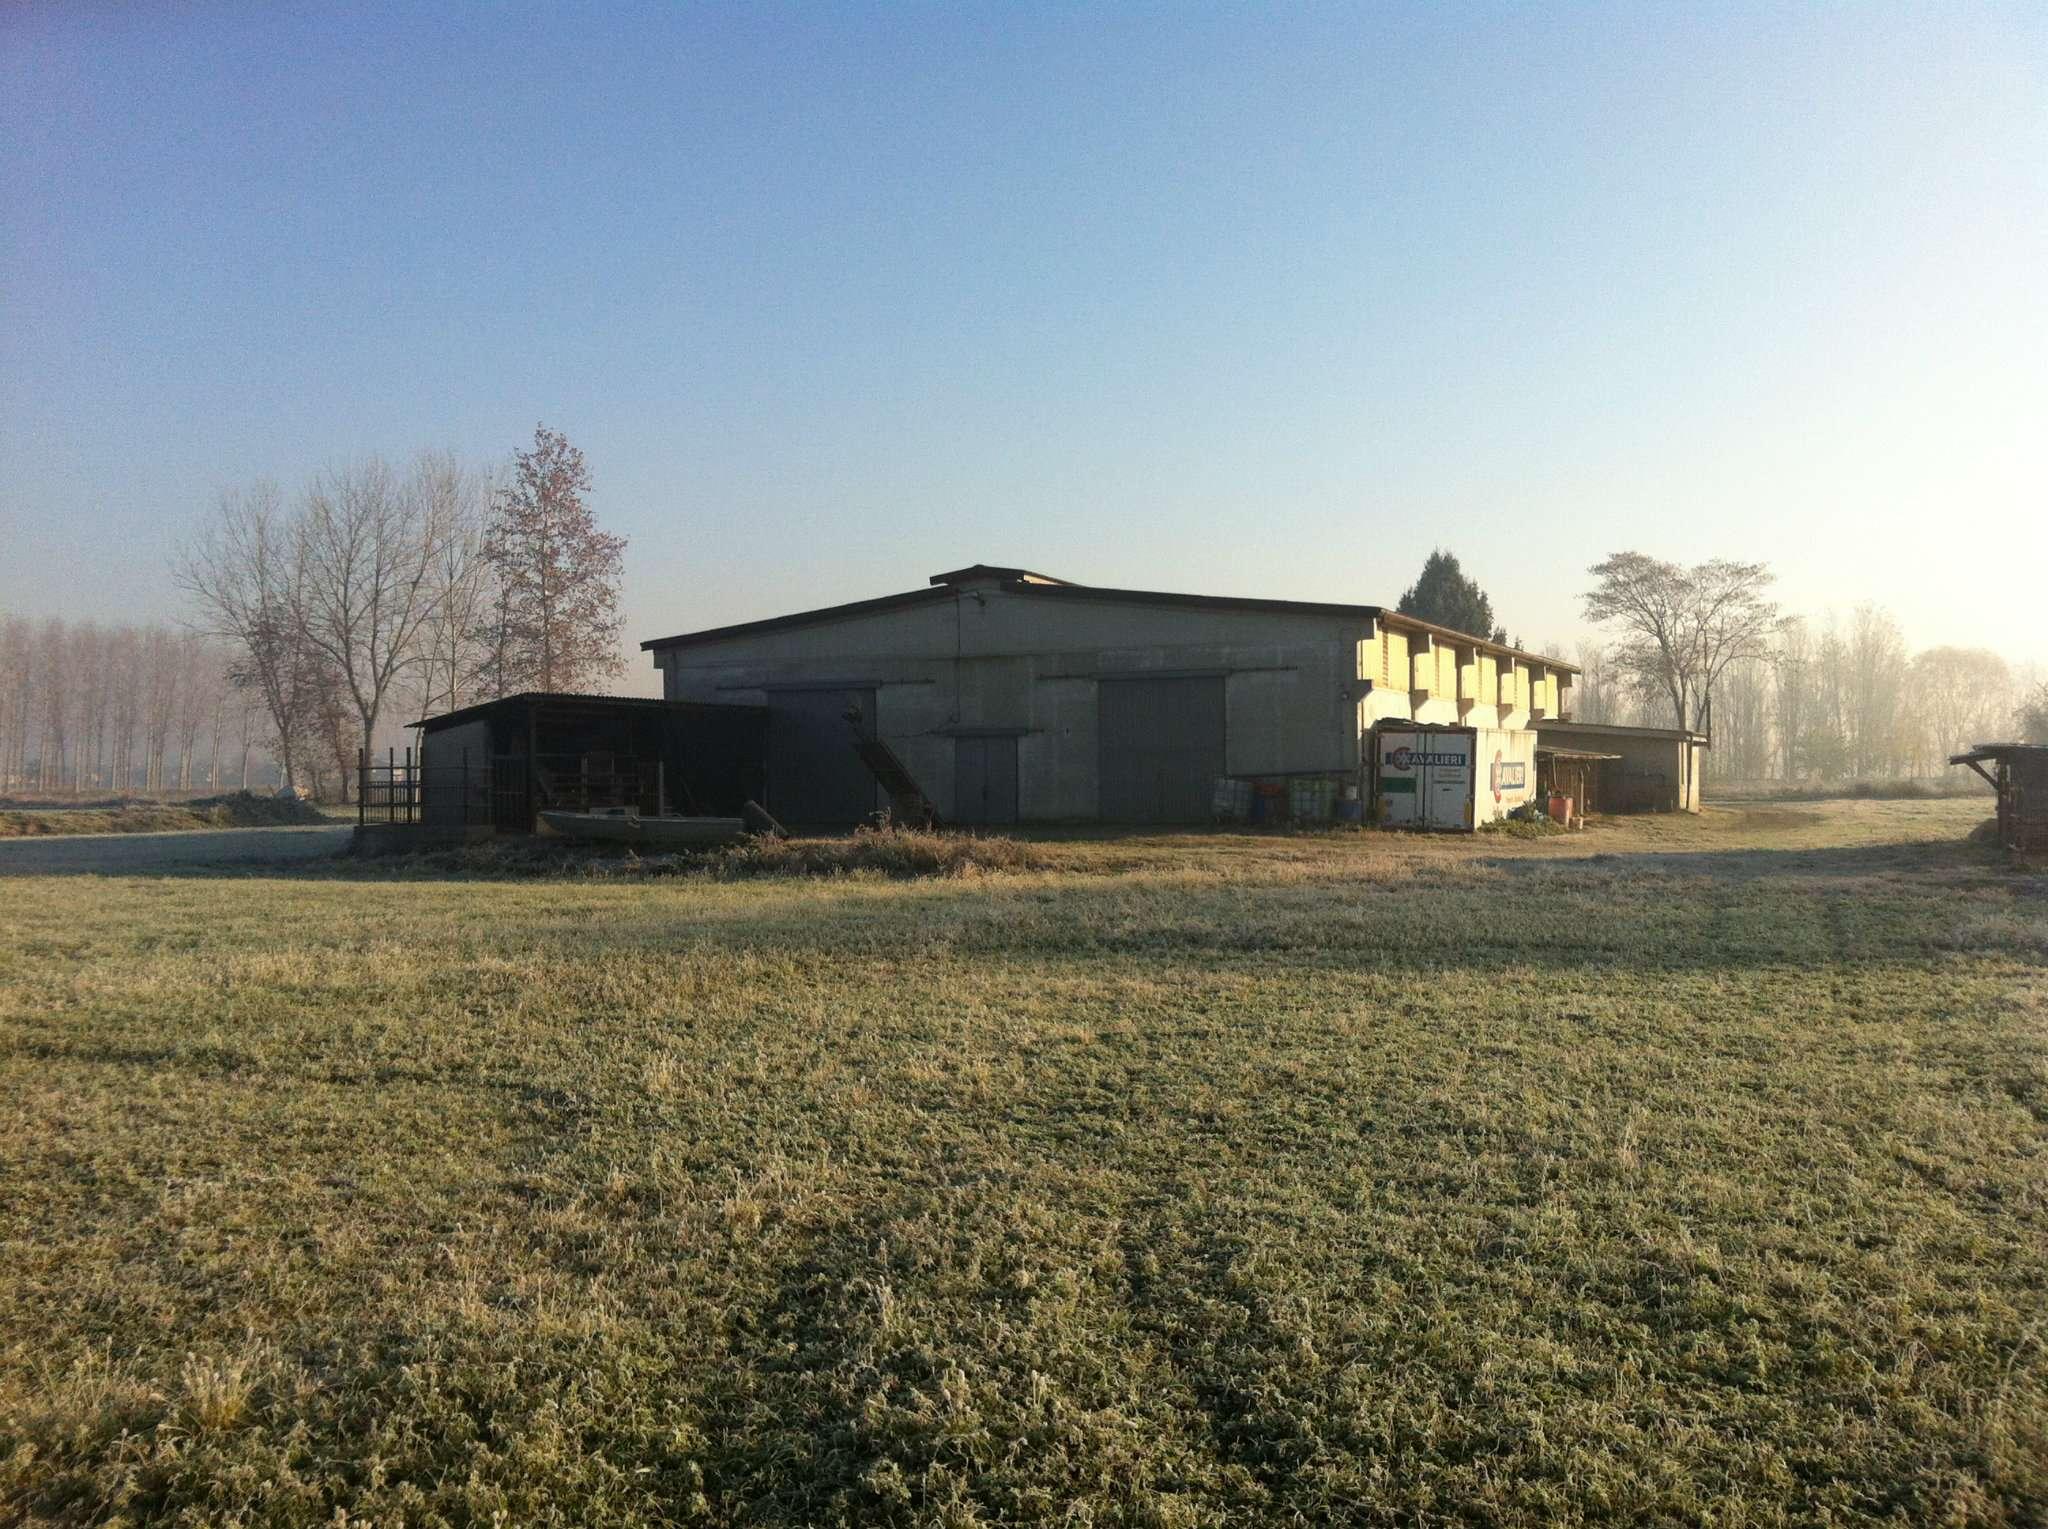 Terreno Agricolo in vendita a Lodi, 1 locali, prezzo € 150.000 | Cambio Casa.it